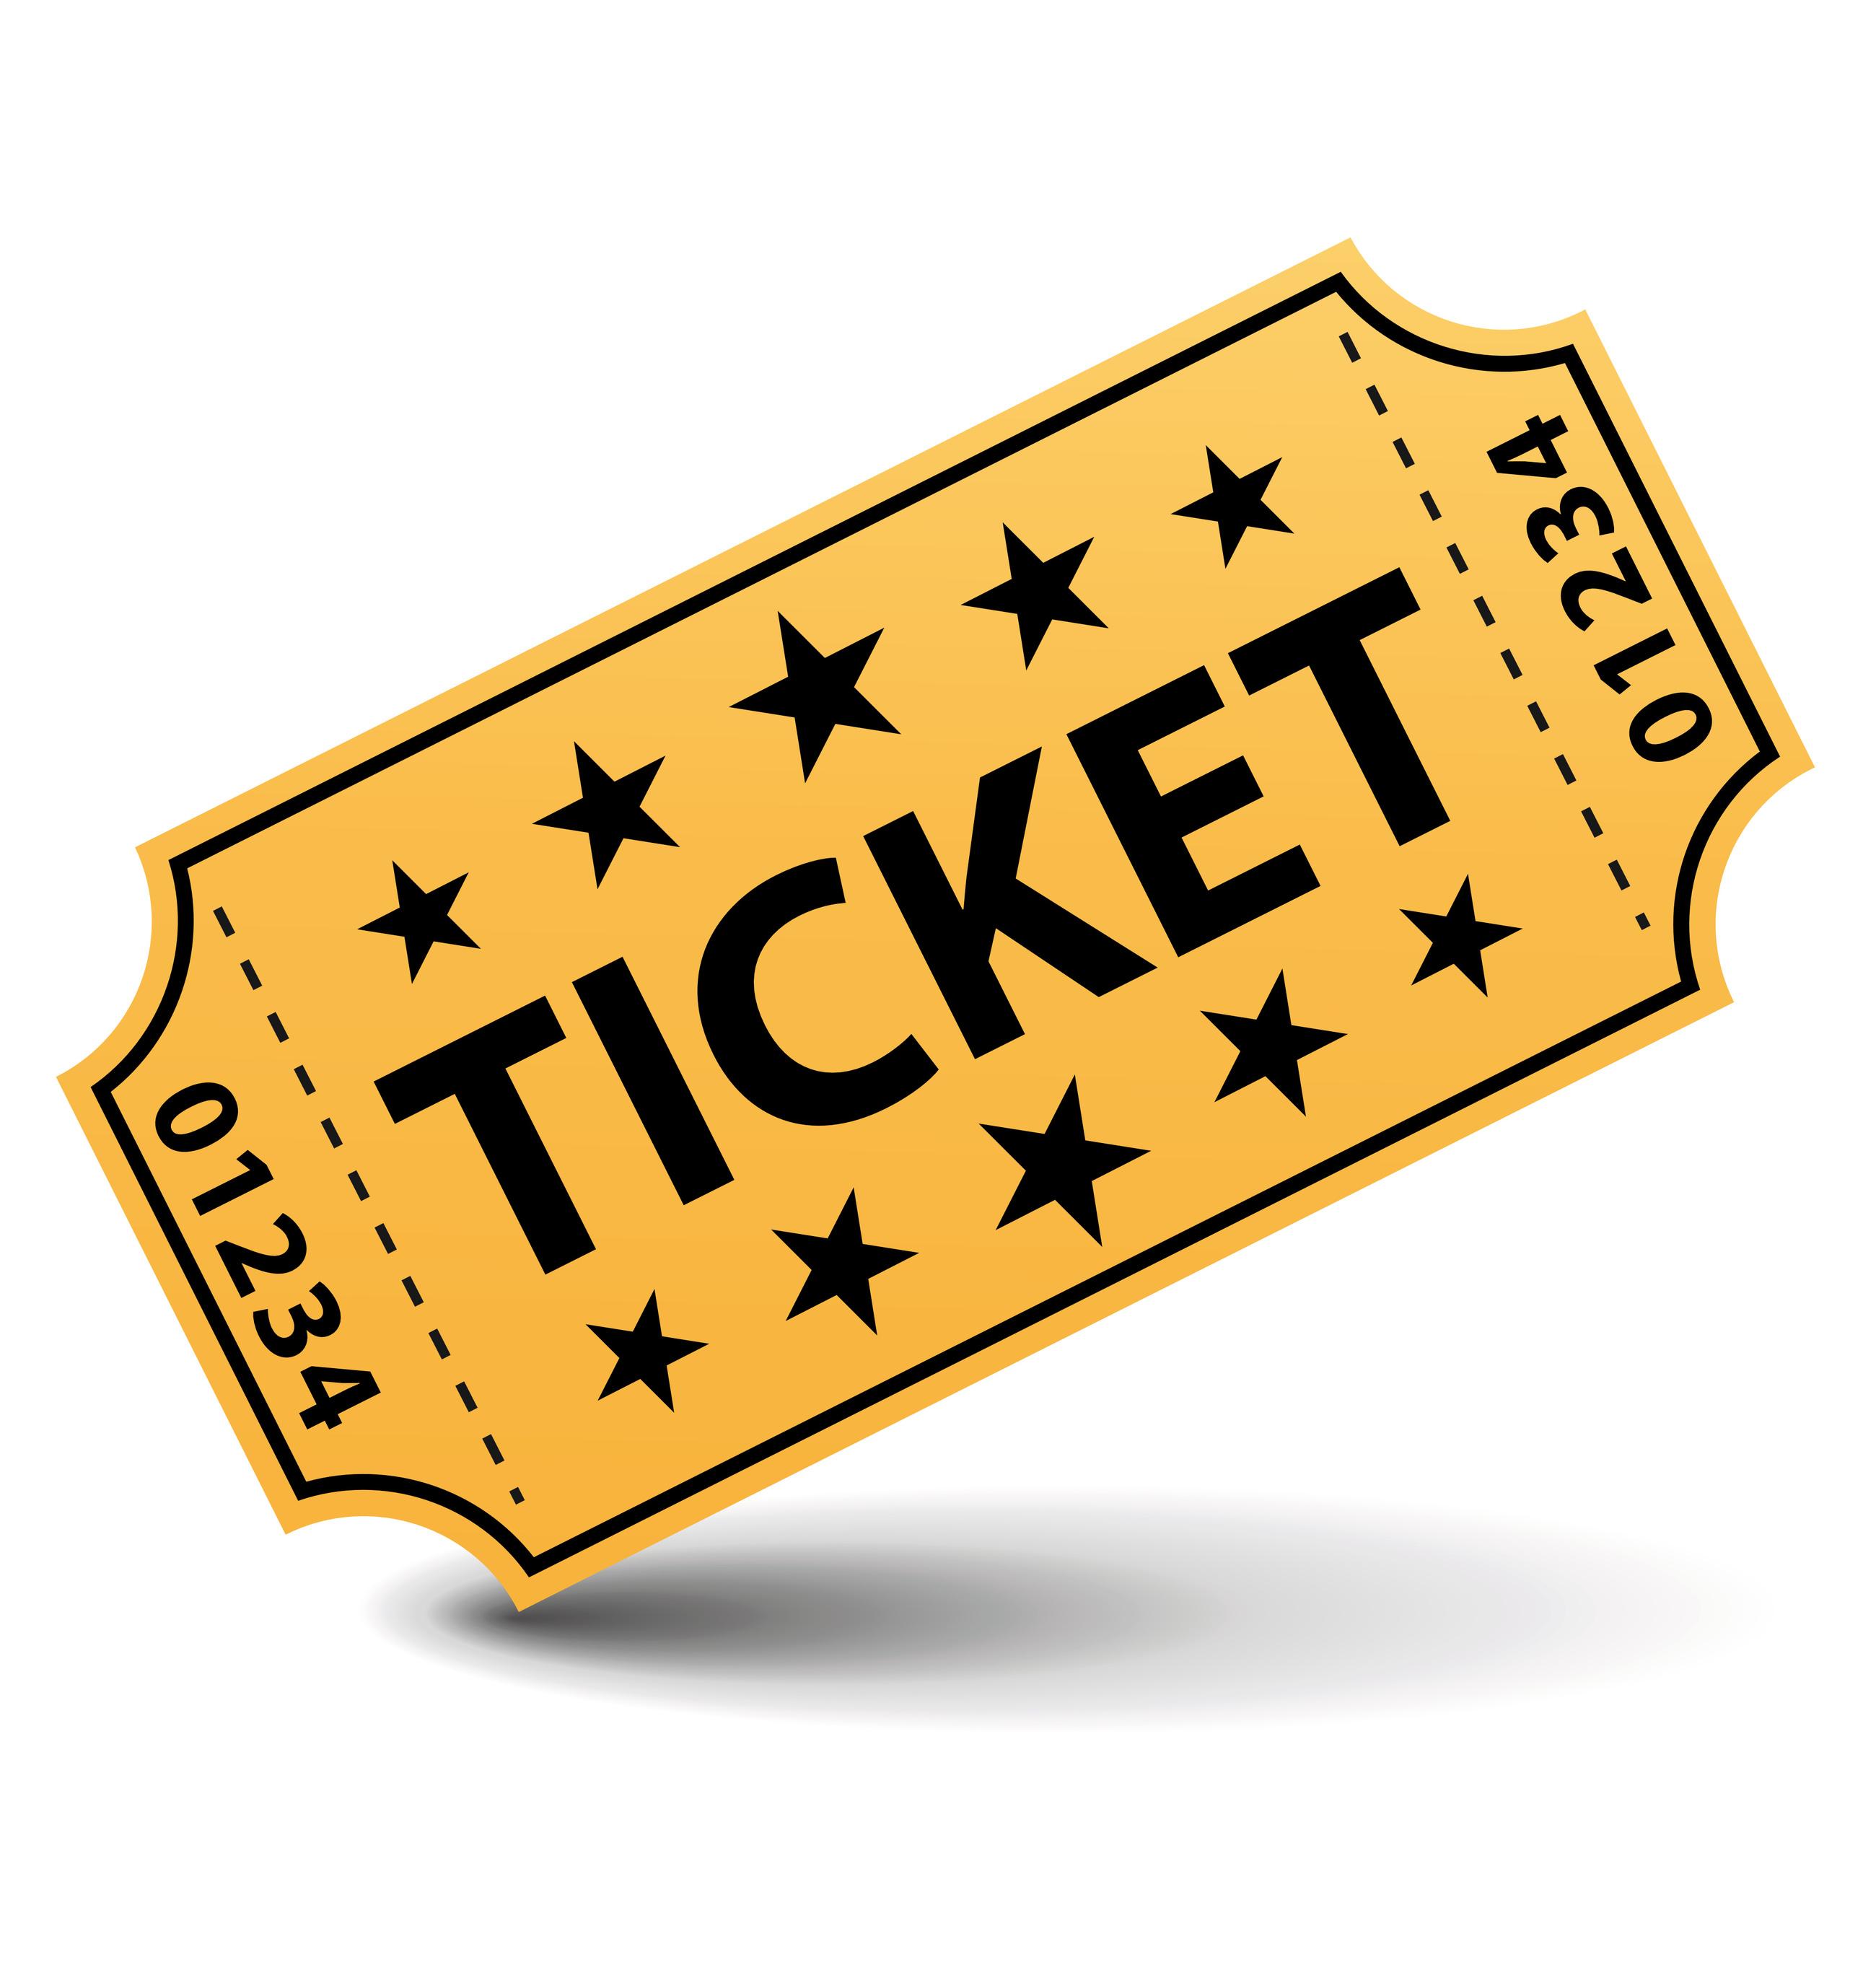 Bildergebnis für ticket images